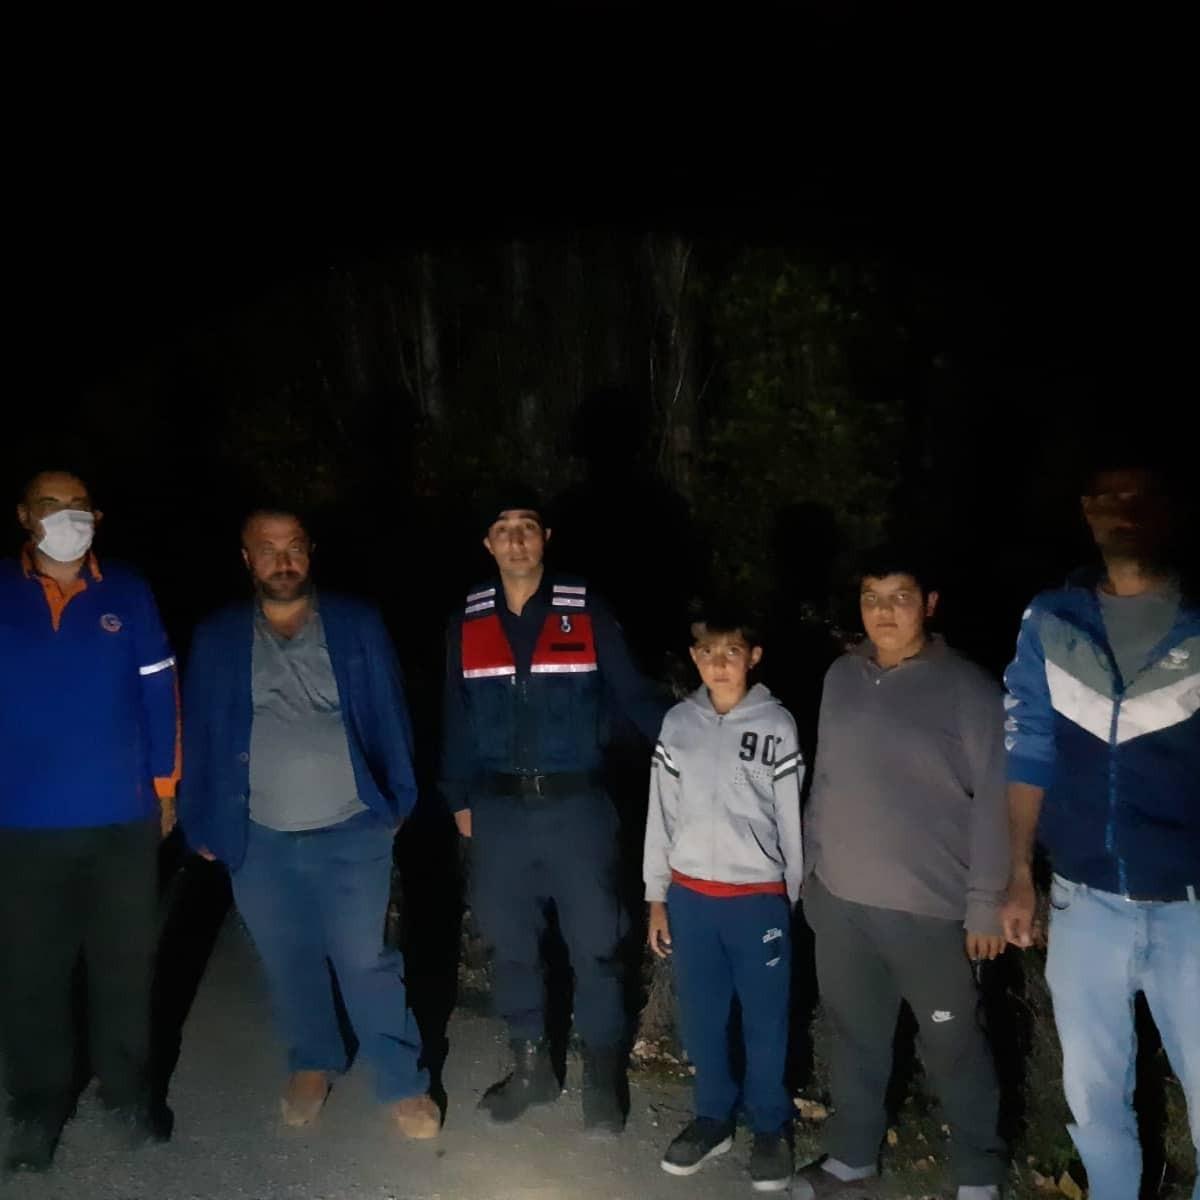 Çorum'da kaybolan 2 çocuğu jandarma ve AFAD ekipleri buldu #corum